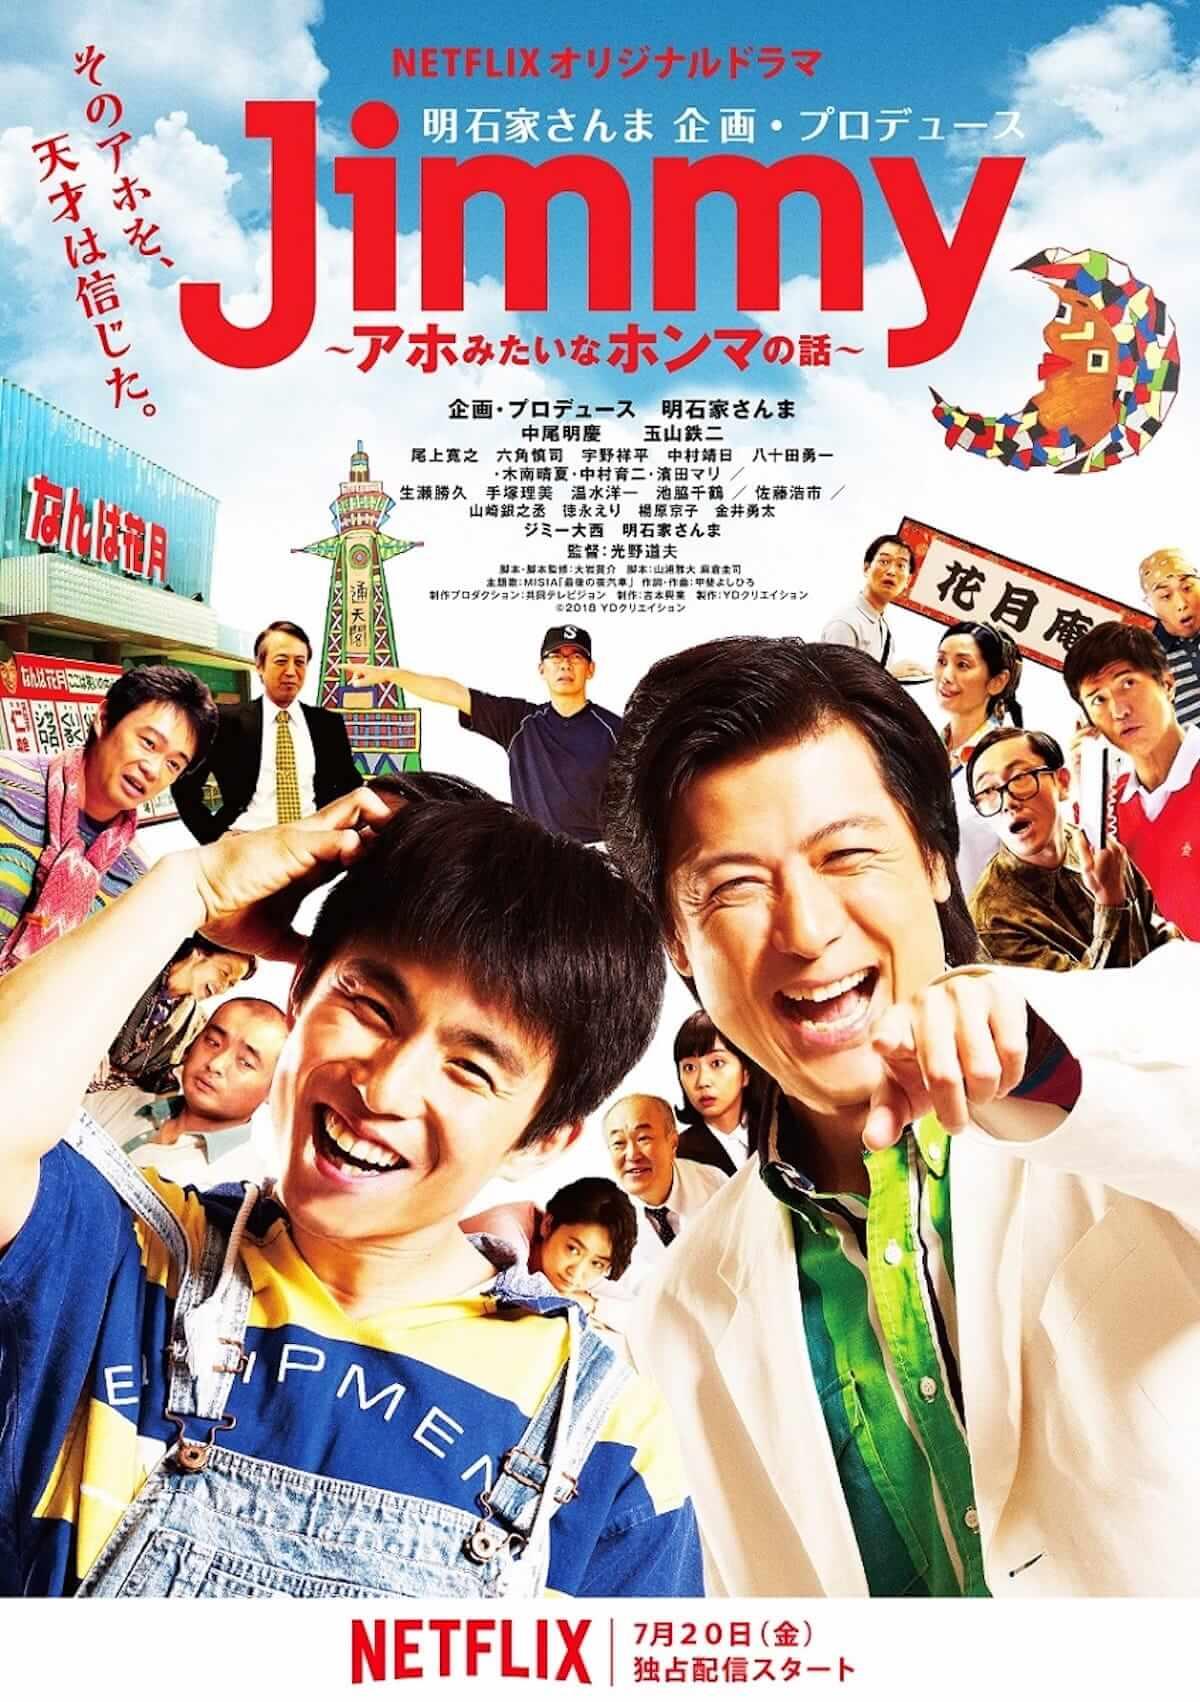 ラジオ番組『Tokyo Brilliantrips』連動!スタバの新作フローズンティービバレッジなどをご紹介! film180627_jimmy_01-1200x1702